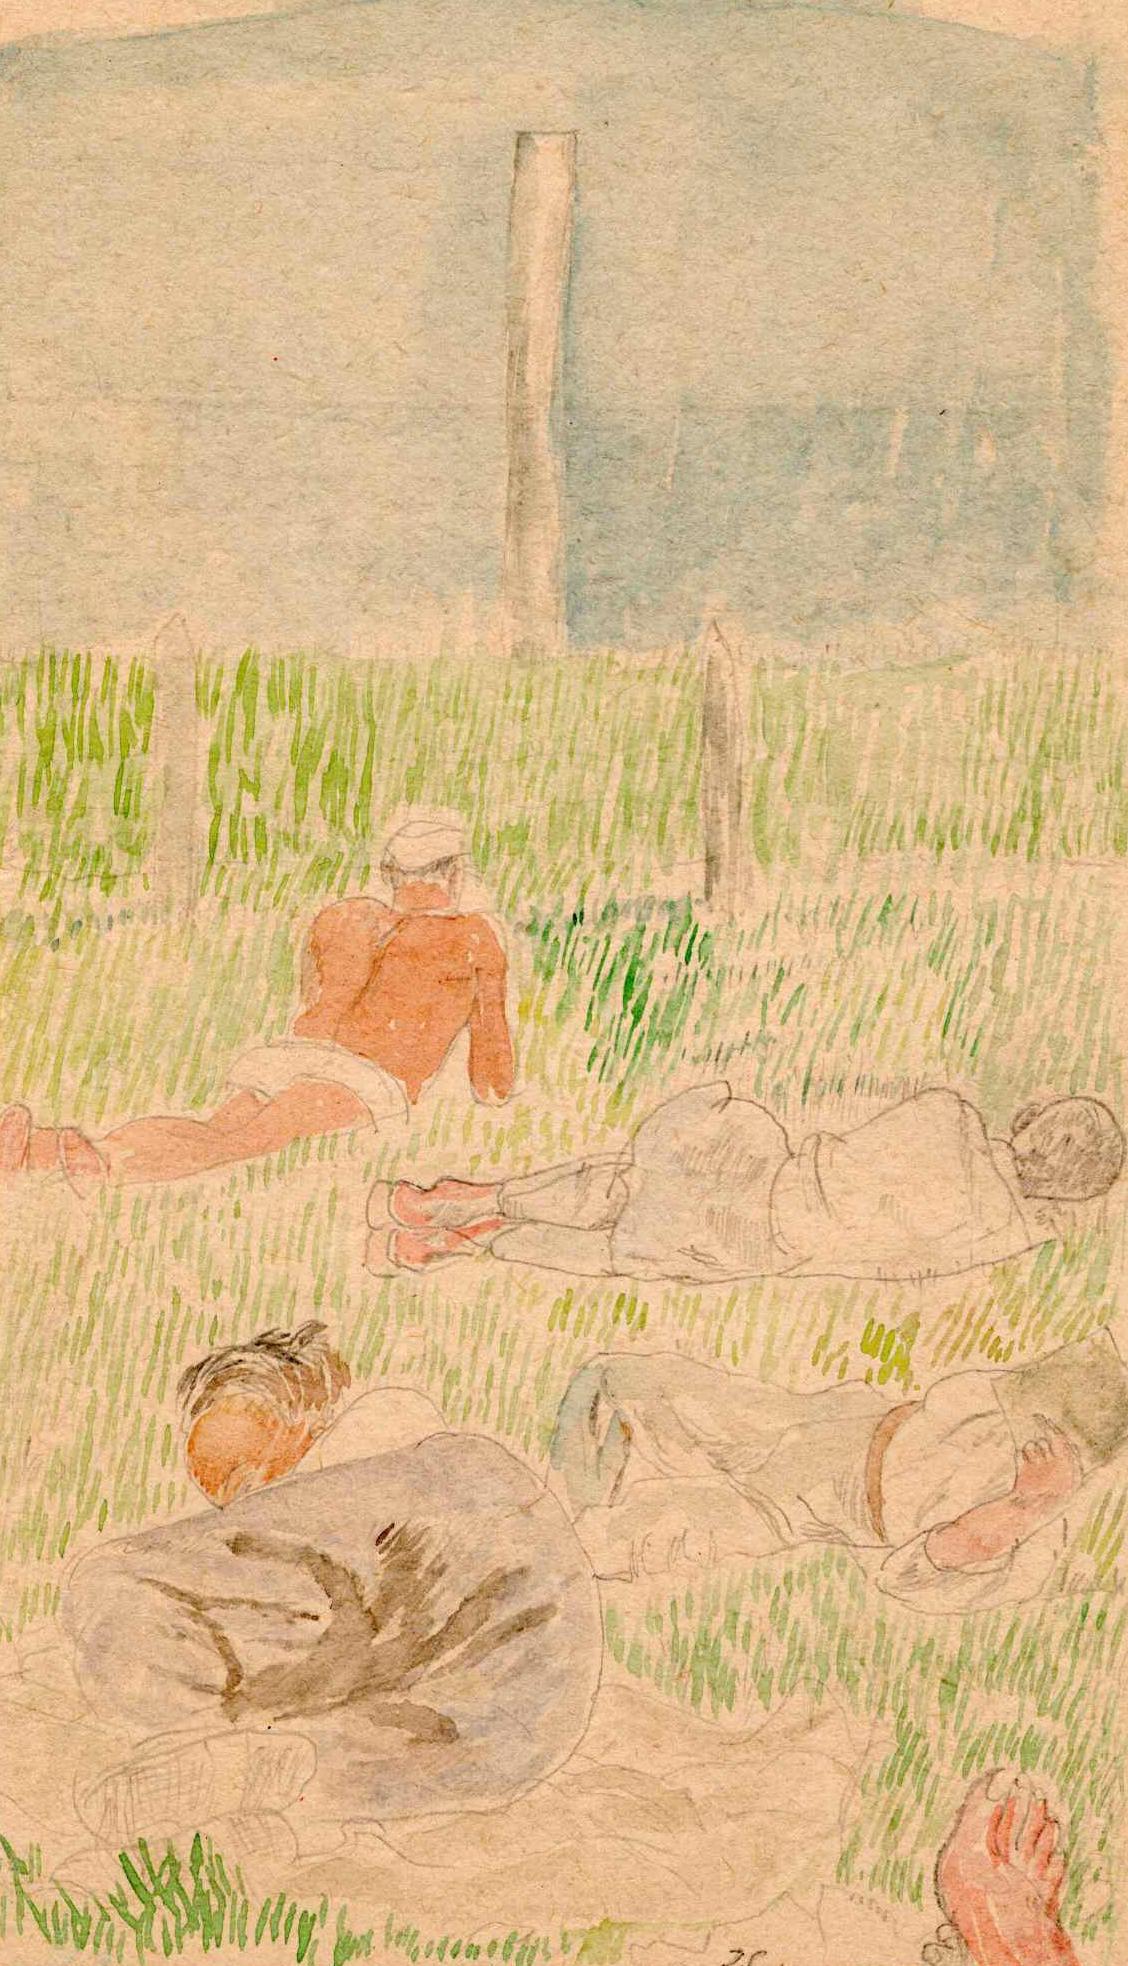 Obraz przedstawiający więźniów leżących natrawie podczas nauki. Józef Czapski, obóz wGriazowcu, lipiec-sierpień 1941